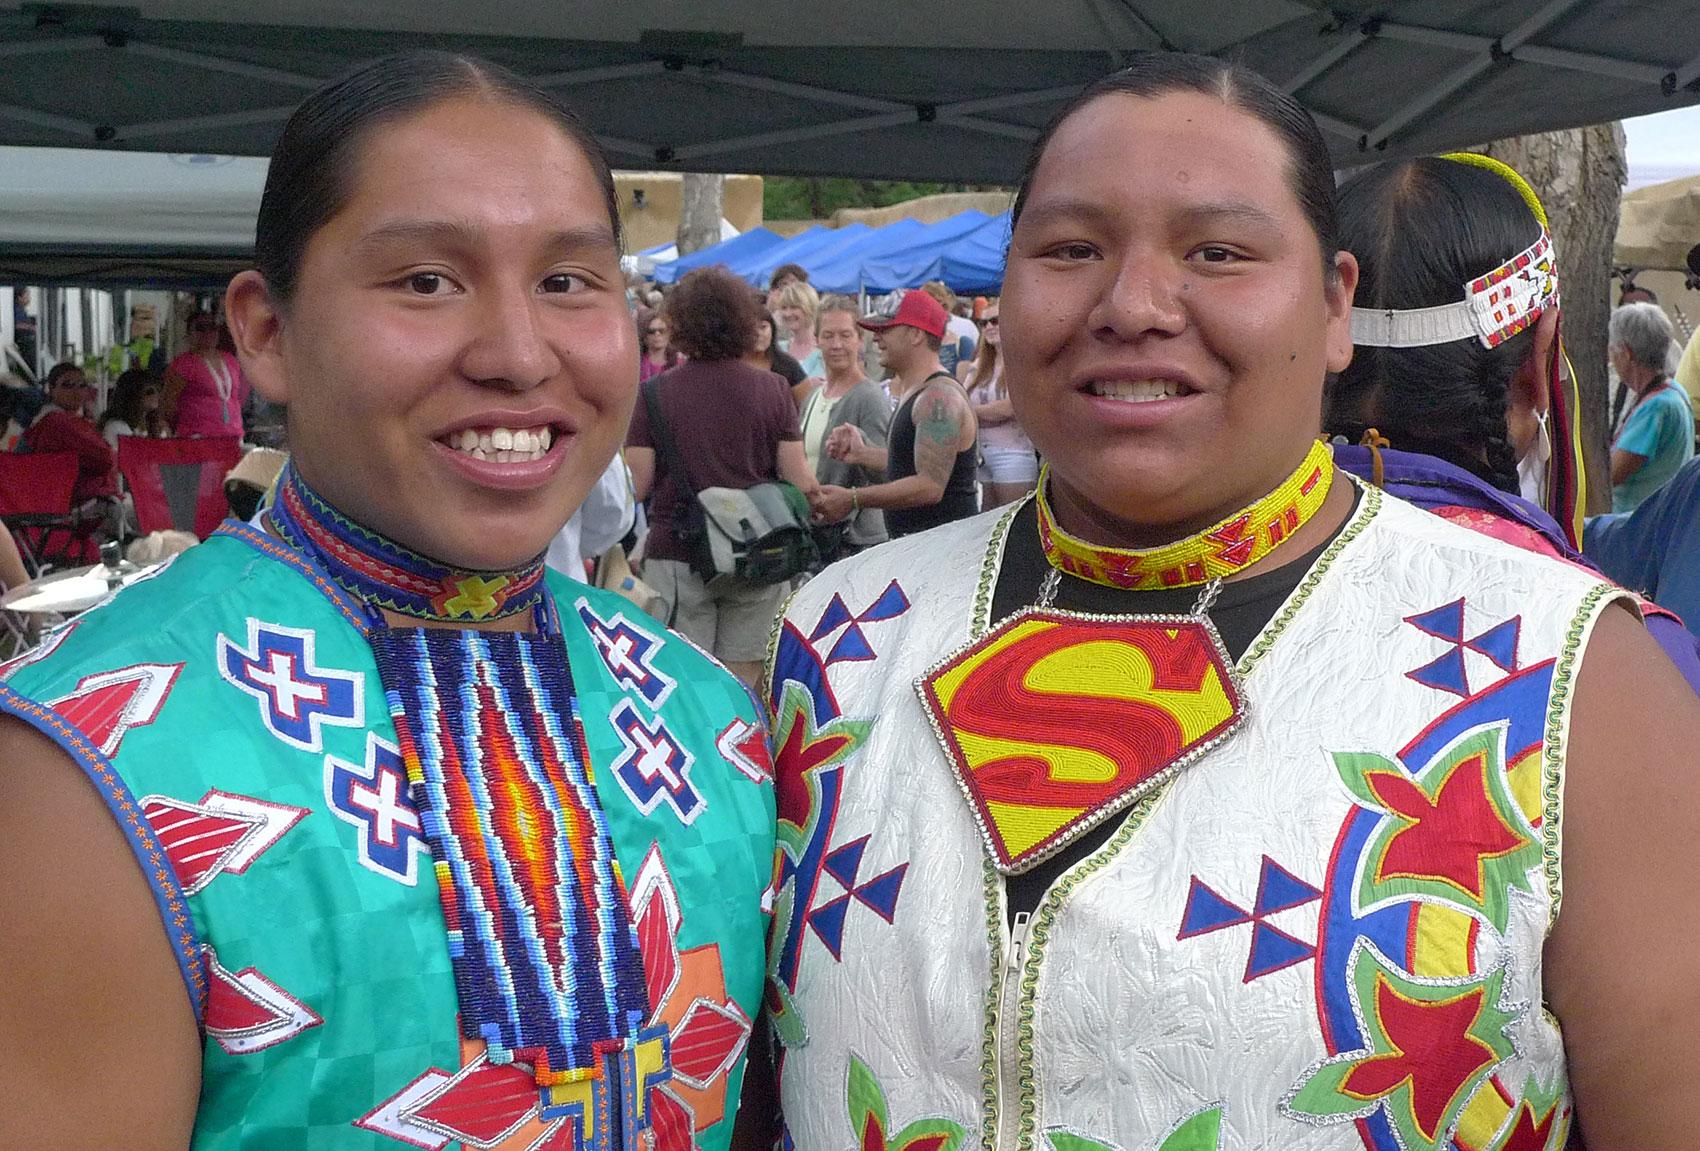 Two Dancers at Indian Market - Santa Fe, NM